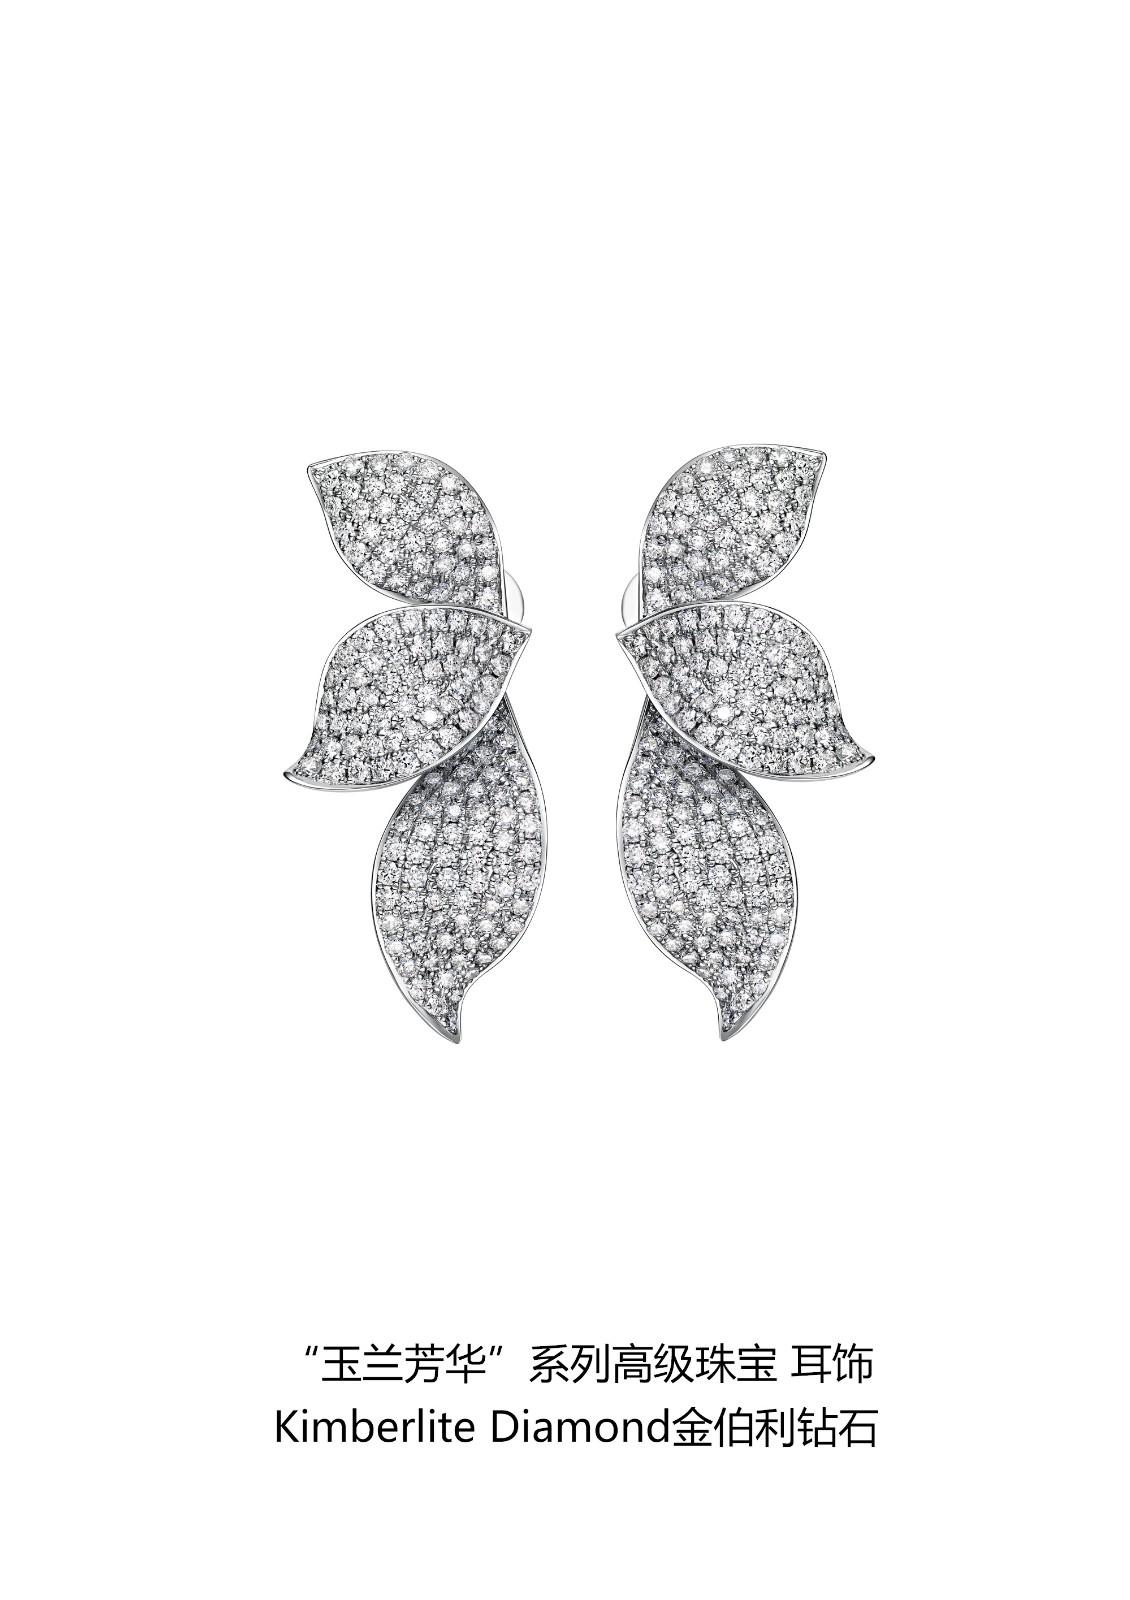 玉兰芳华系列高级珠宝之耳饰